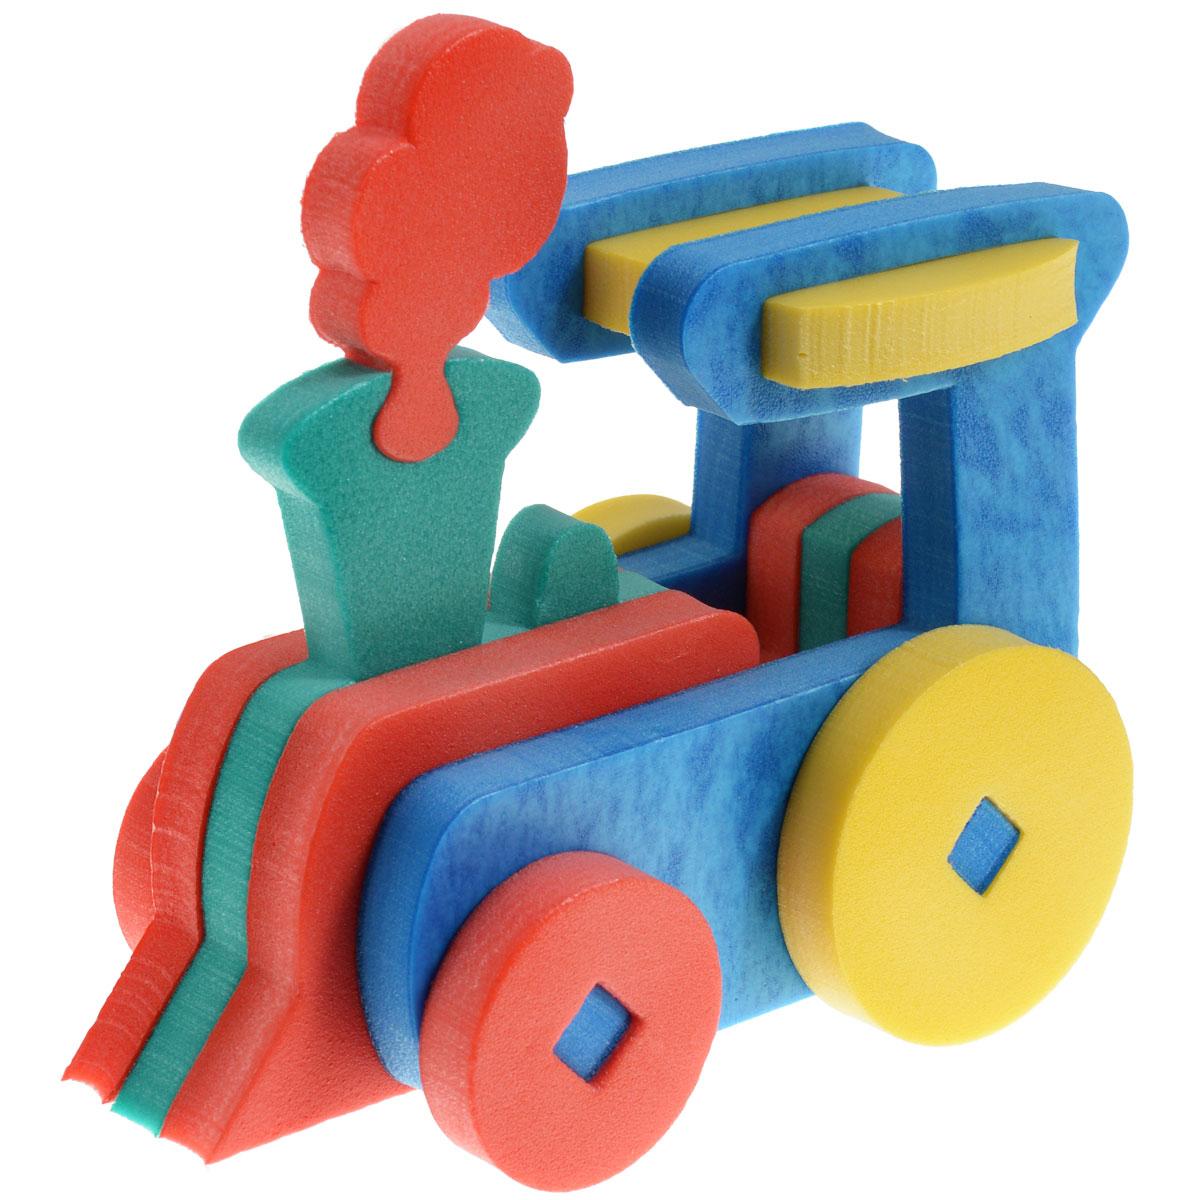 Флексика Мягкий конструктор Паровозик45403Мозаики и конструкторы настолько универсальны и практичны, что с ними можно играть практически везде. Для производства игрушек используется современный, легкий, эластичный, прочный материал, который обеспечивает большую долговечность игрушек, и главное –является абсолютно безопасным для детей. К тому же, благодаря особой структуре материала и свойству прилипать к мокрой поверхности, мягкие конструкторы и мозаики являются идеальной игрушкой для ванны. Способствует развитию у ребенка мелкой моторики, образного и логического мышления, наблюдательности. Производственная фирма `Тедико` зарекомендовала себя на рынке отечественных товаров как производитель высококачественных конструкторов и мозаик серии `Флексика`. Богатый ассортимент включает в себя игрушки для малышей и детей старшего возраста. УВАЖАЕМЫЕ КЛИЕНТЫ! Обращаем ваше внимание на возможные изменения в дизайне, связанные с ассортиментом продукции: цвет изделия или отдельных деталей может отличаться от представленного на изображении. Поставка осуществляется в зависимости от наличия на складе.